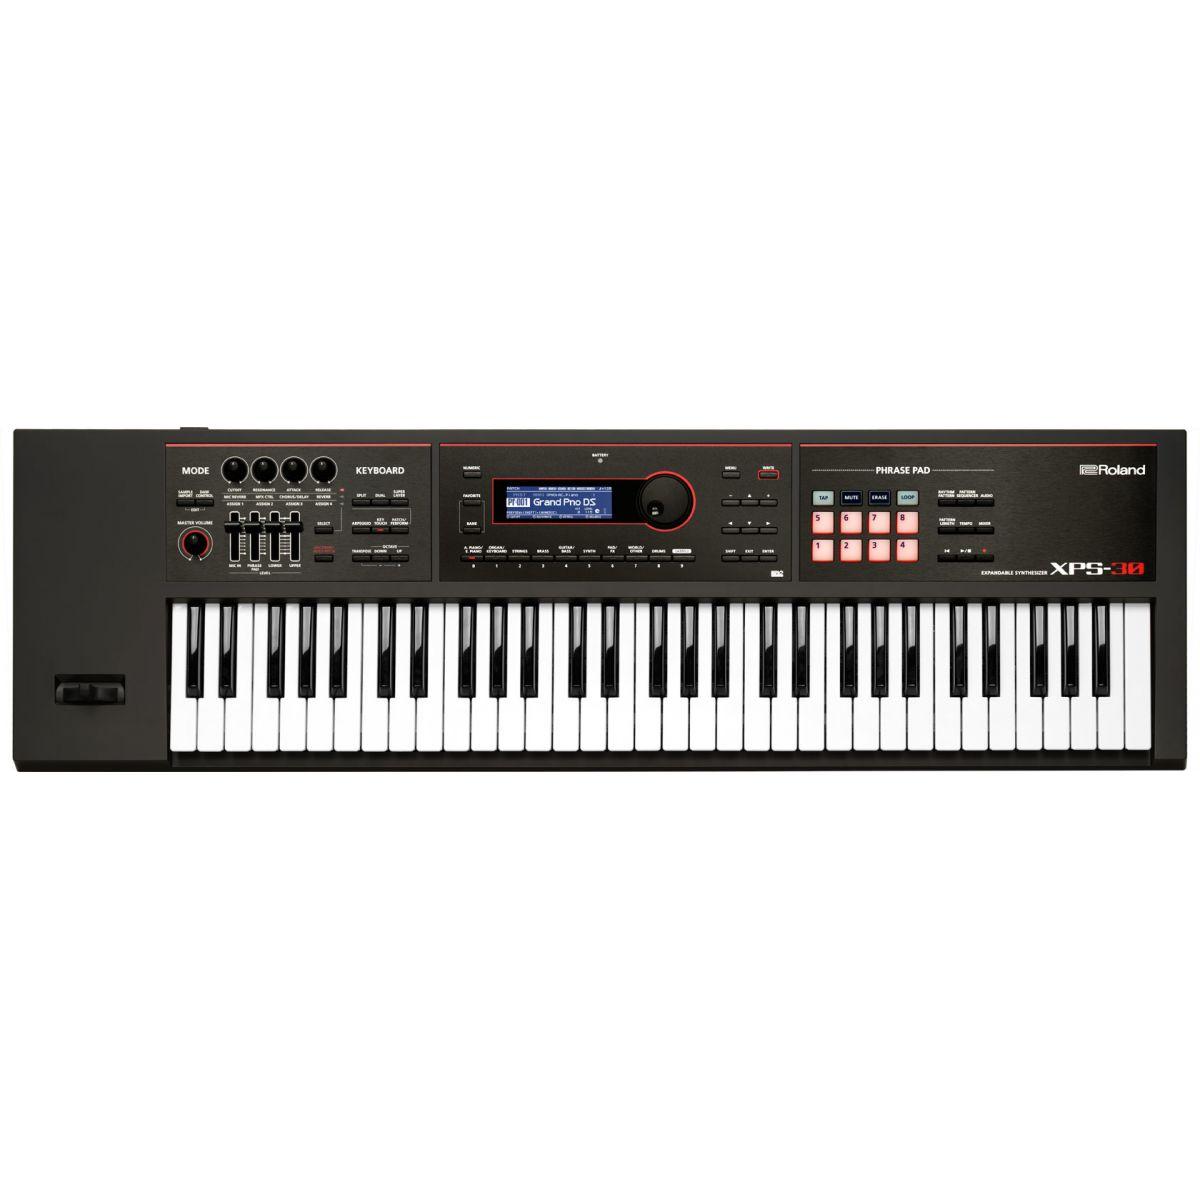 Teclado Sintetizador Roland Xps-30 61 Teclas